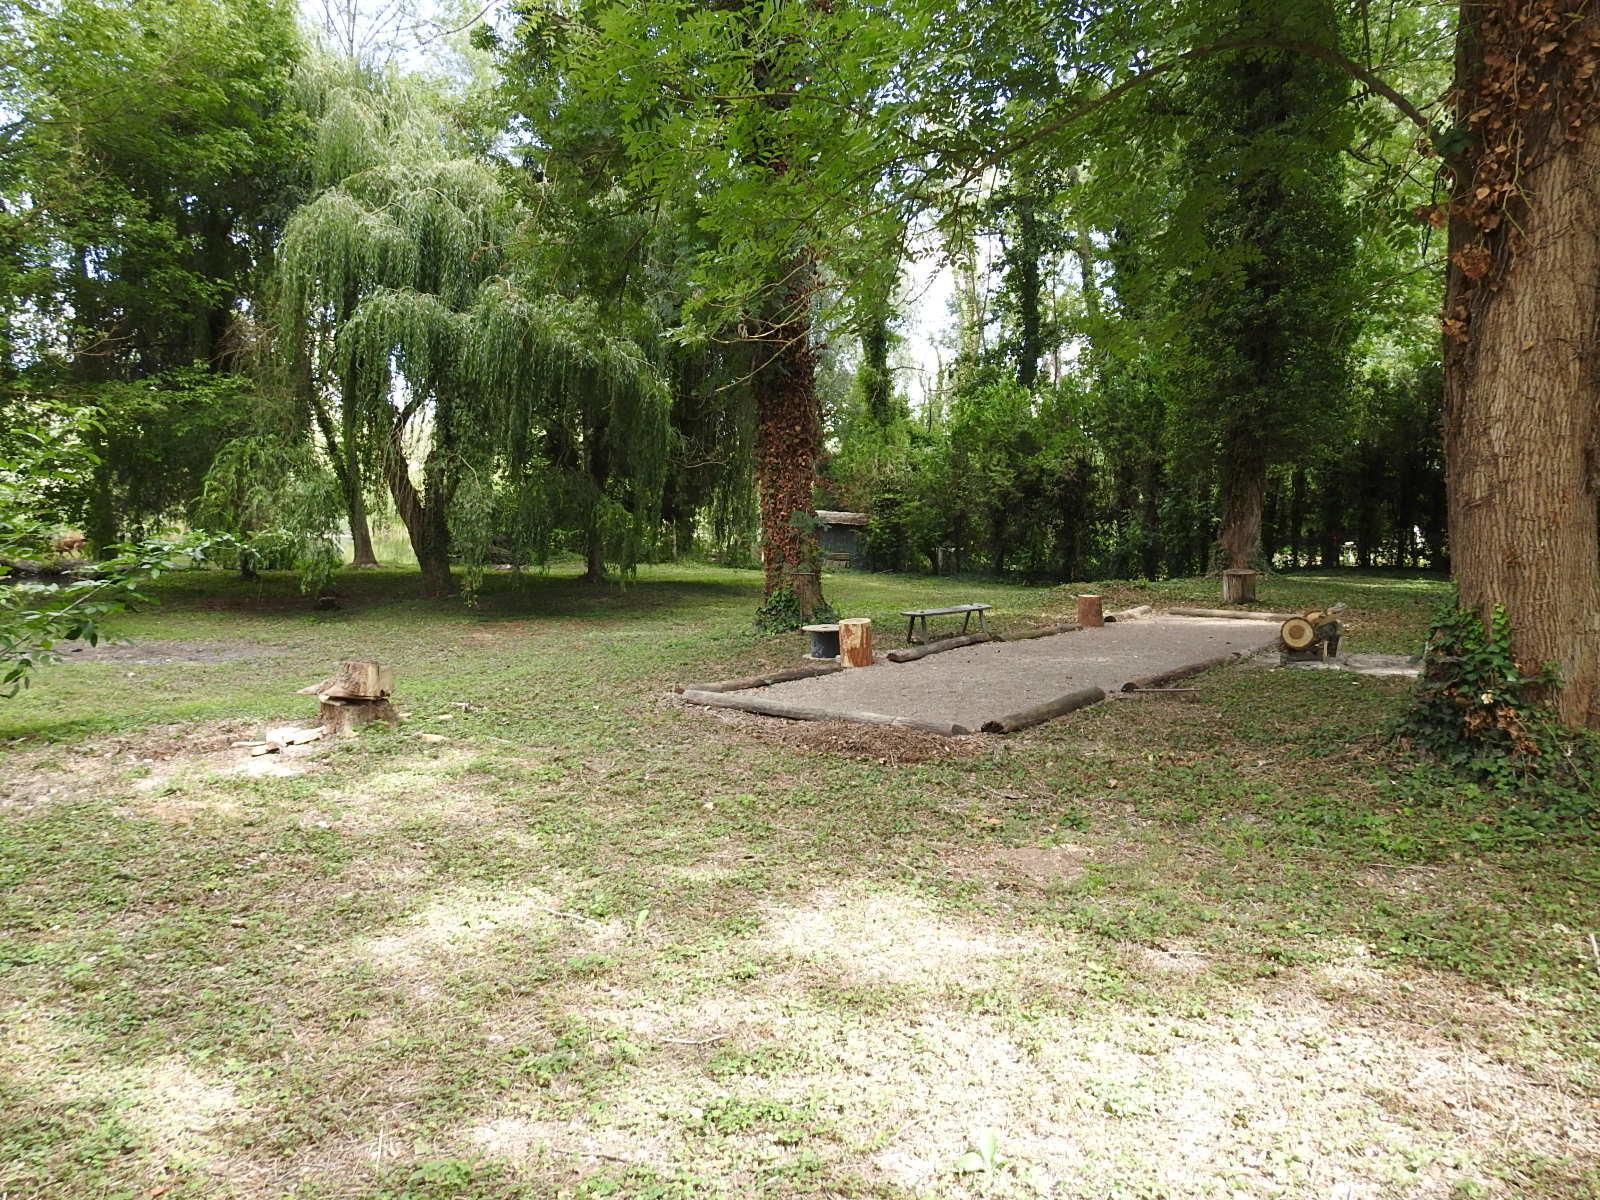 Terrain de loisir avec étang